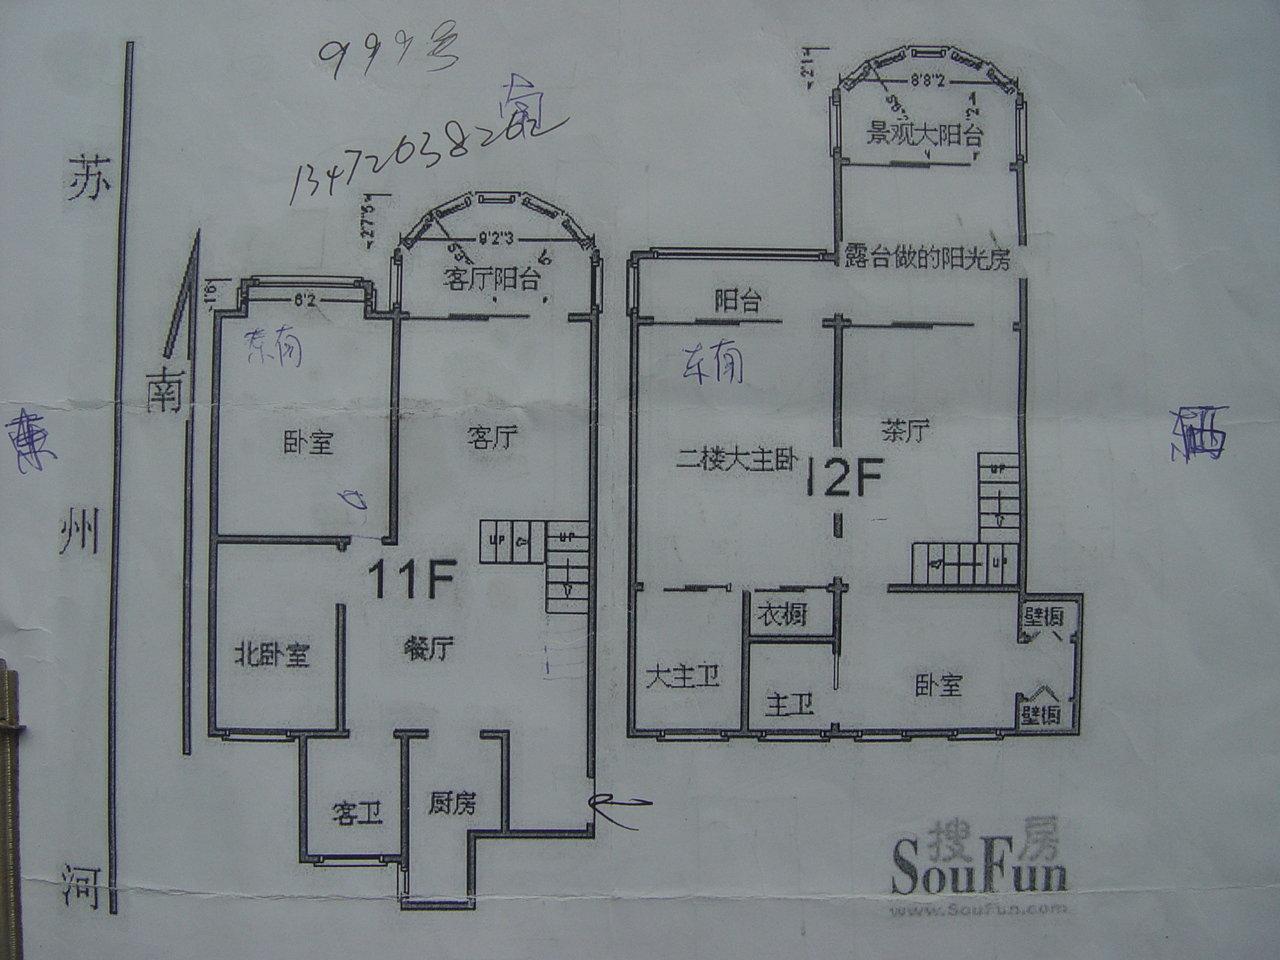 上房屋的原貌平面图,是上家设计装修的